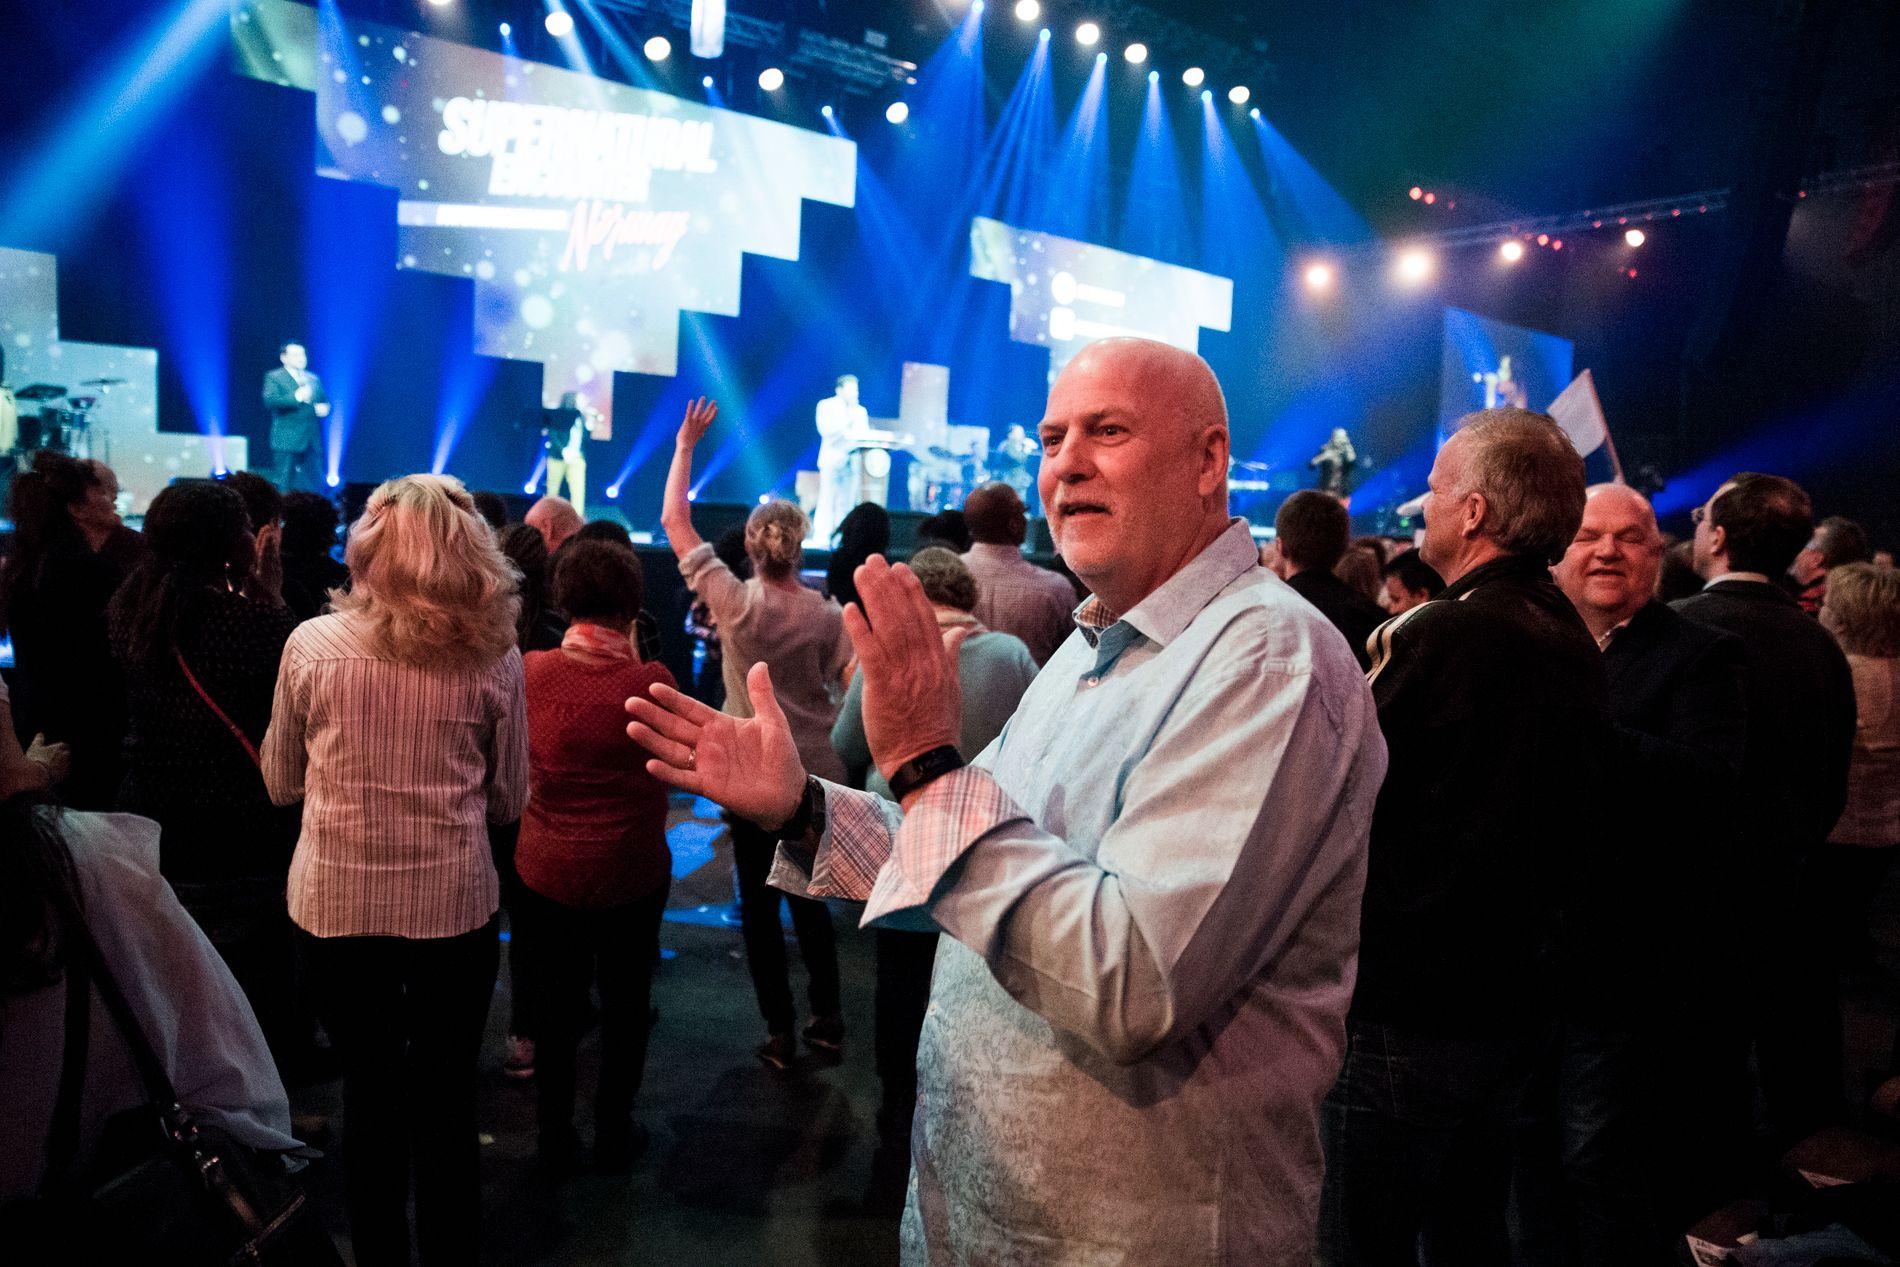 LEDER: Jan Hanvold er grunnlegger og sjef av TV-kanalen TV Visjon Norge, her avbildet i et «Jesus lever»-arrangement i Telenor Arena i mai i fjor.